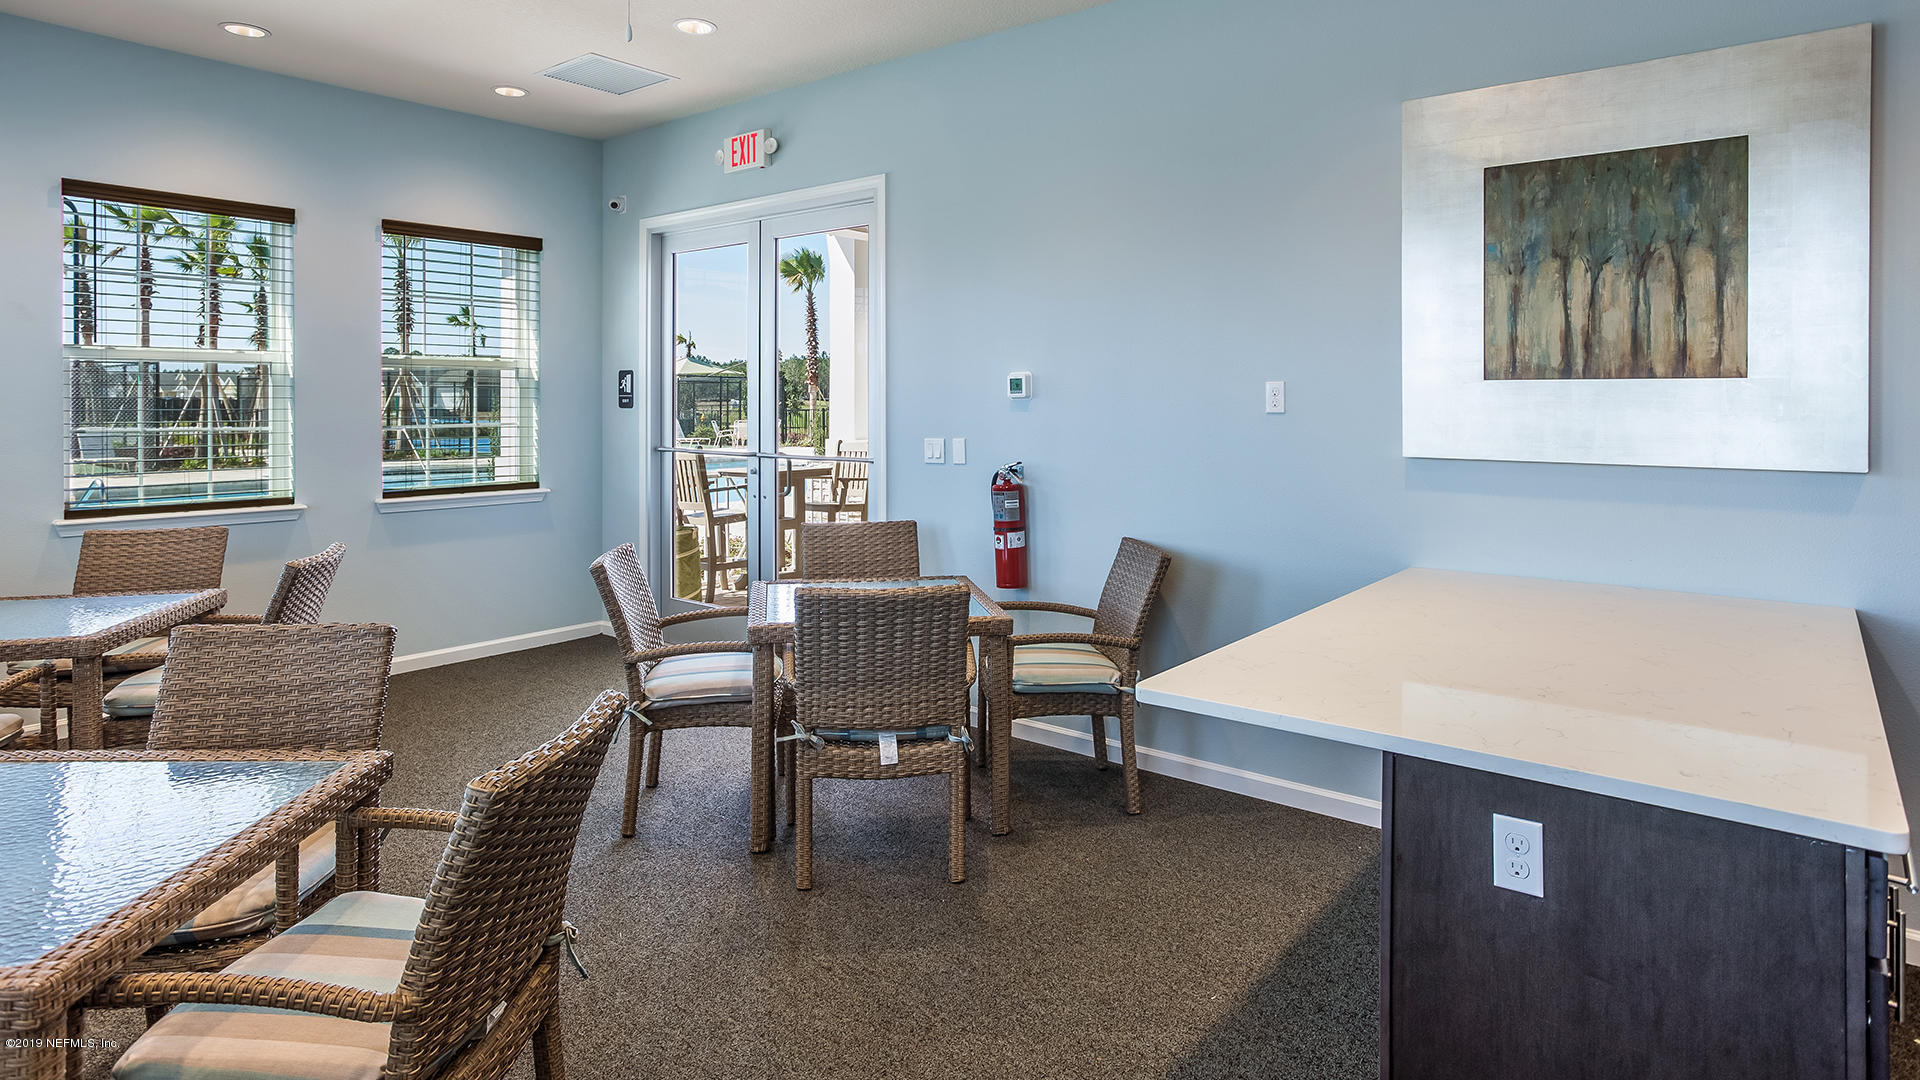 534 LUMPKIN, JACKSONVILLE, FLORIDA 32222, 3 Bedrooms Bedrooms, ,2 BathroomsBathrooms,Residential,For sale,LUMPKIN,1047514